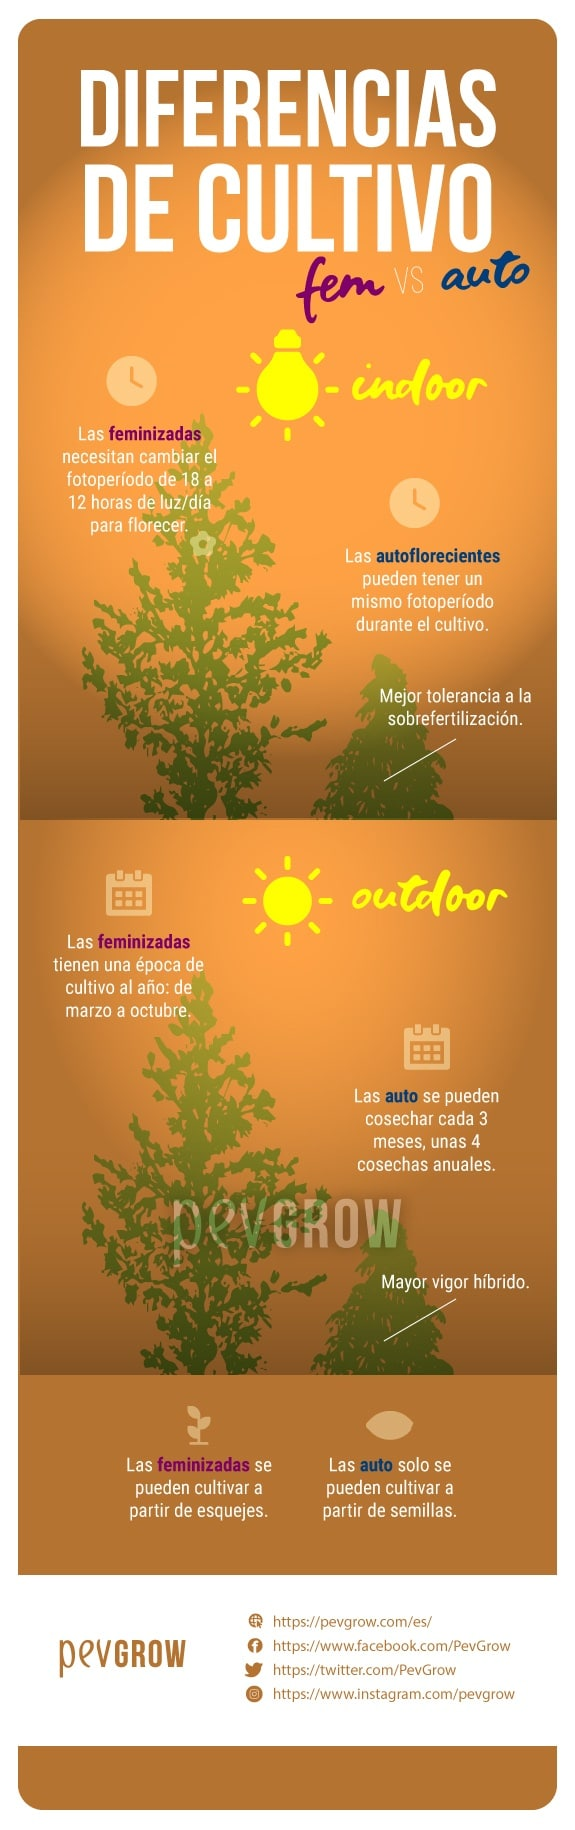 imagen que muestra las diferencias de cultivo entre las autoflorecientes y las feminizadas*